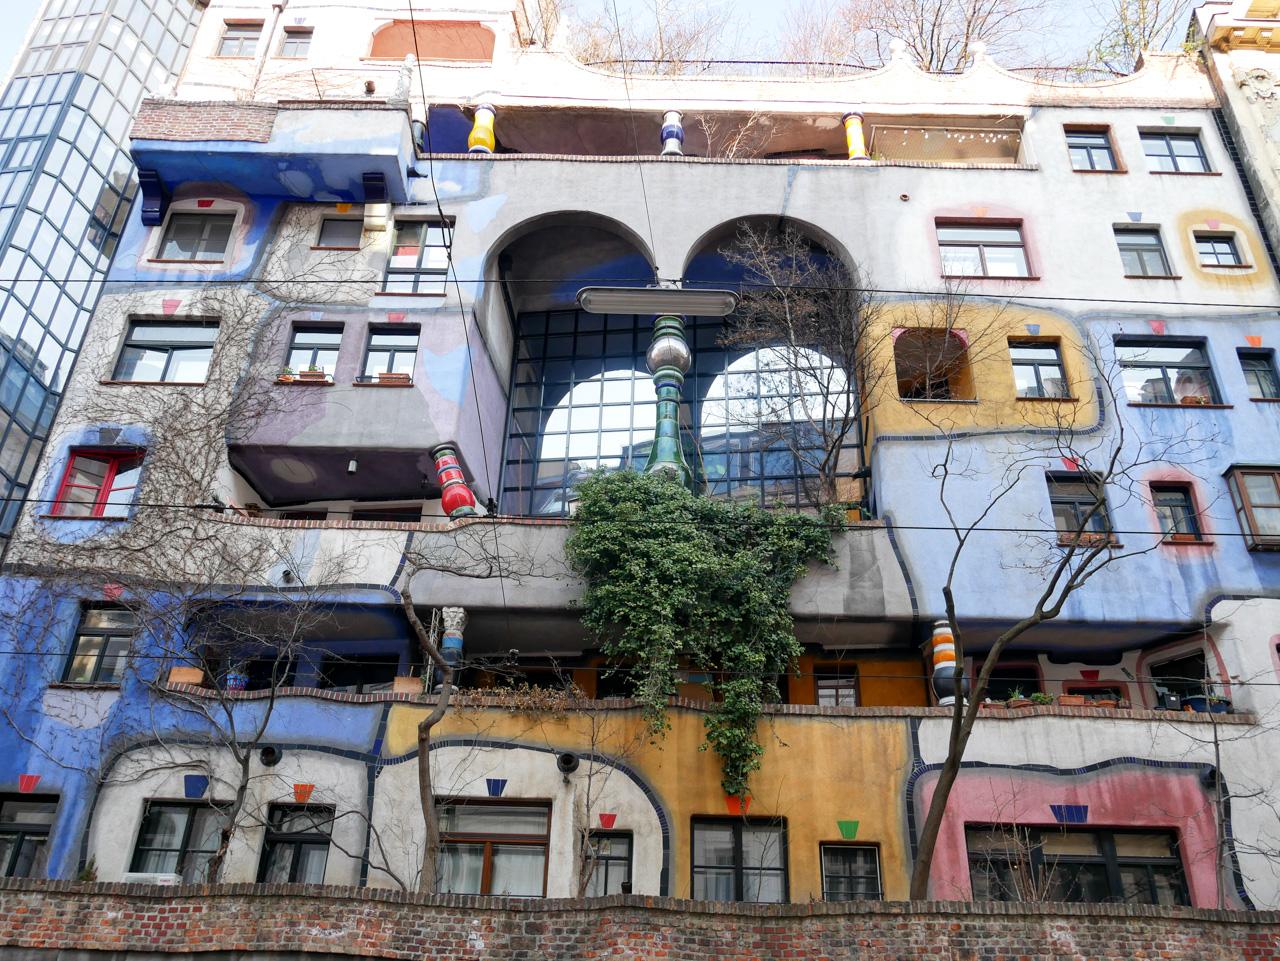 Que faire à Vienne: admirer l'architecture de la Hundertwasserhaus